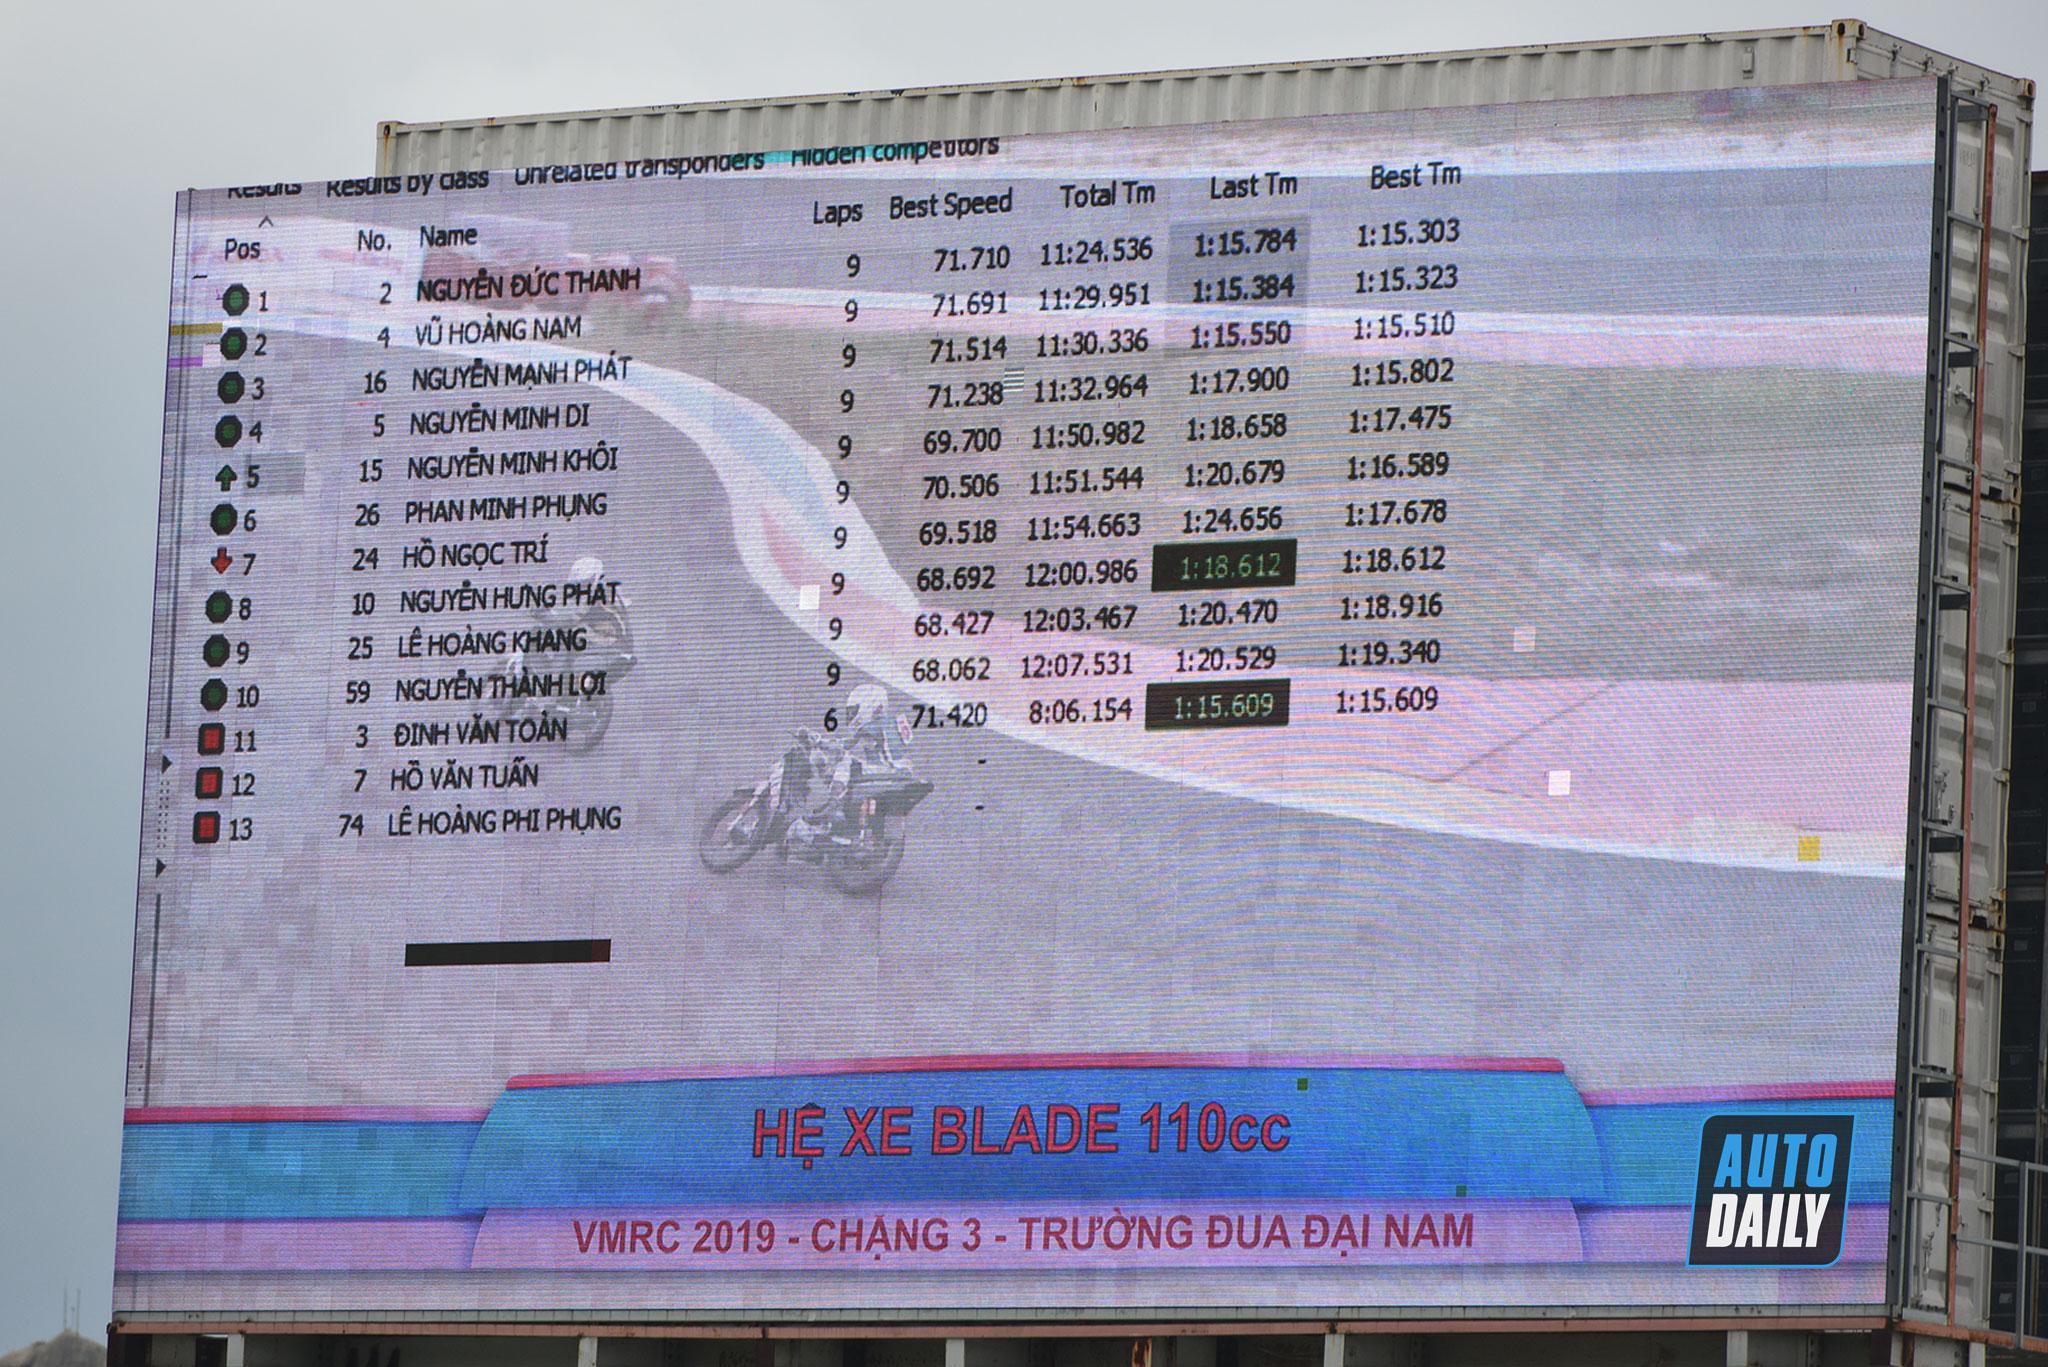 vmrc 2019 - vmrc 2019 round3 autodaily 011 - VMRC 2019 CHẶNG 3: NGUYỄN ĐỨC THANH THỐNG TRỊ TUYỆT ĐỐI HẠNG MỤC BLADE 110